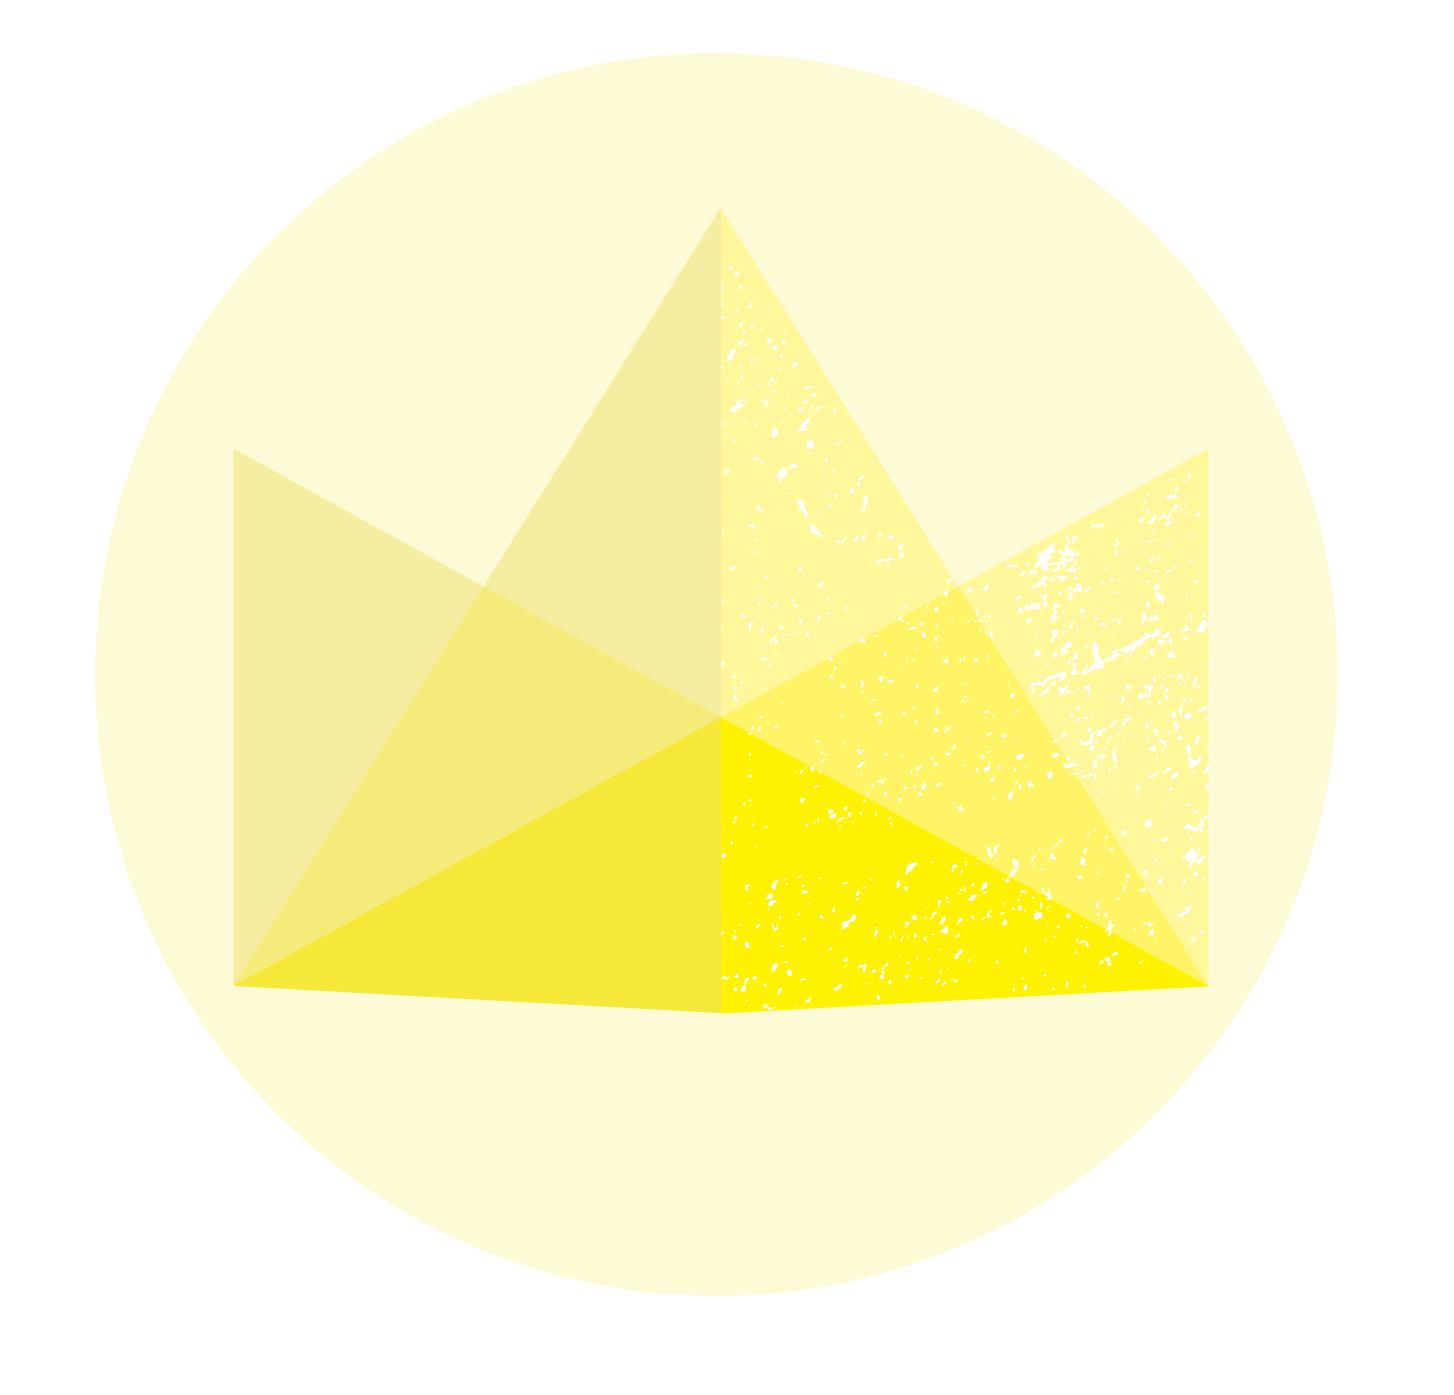 crown circle logo-01 (1).png